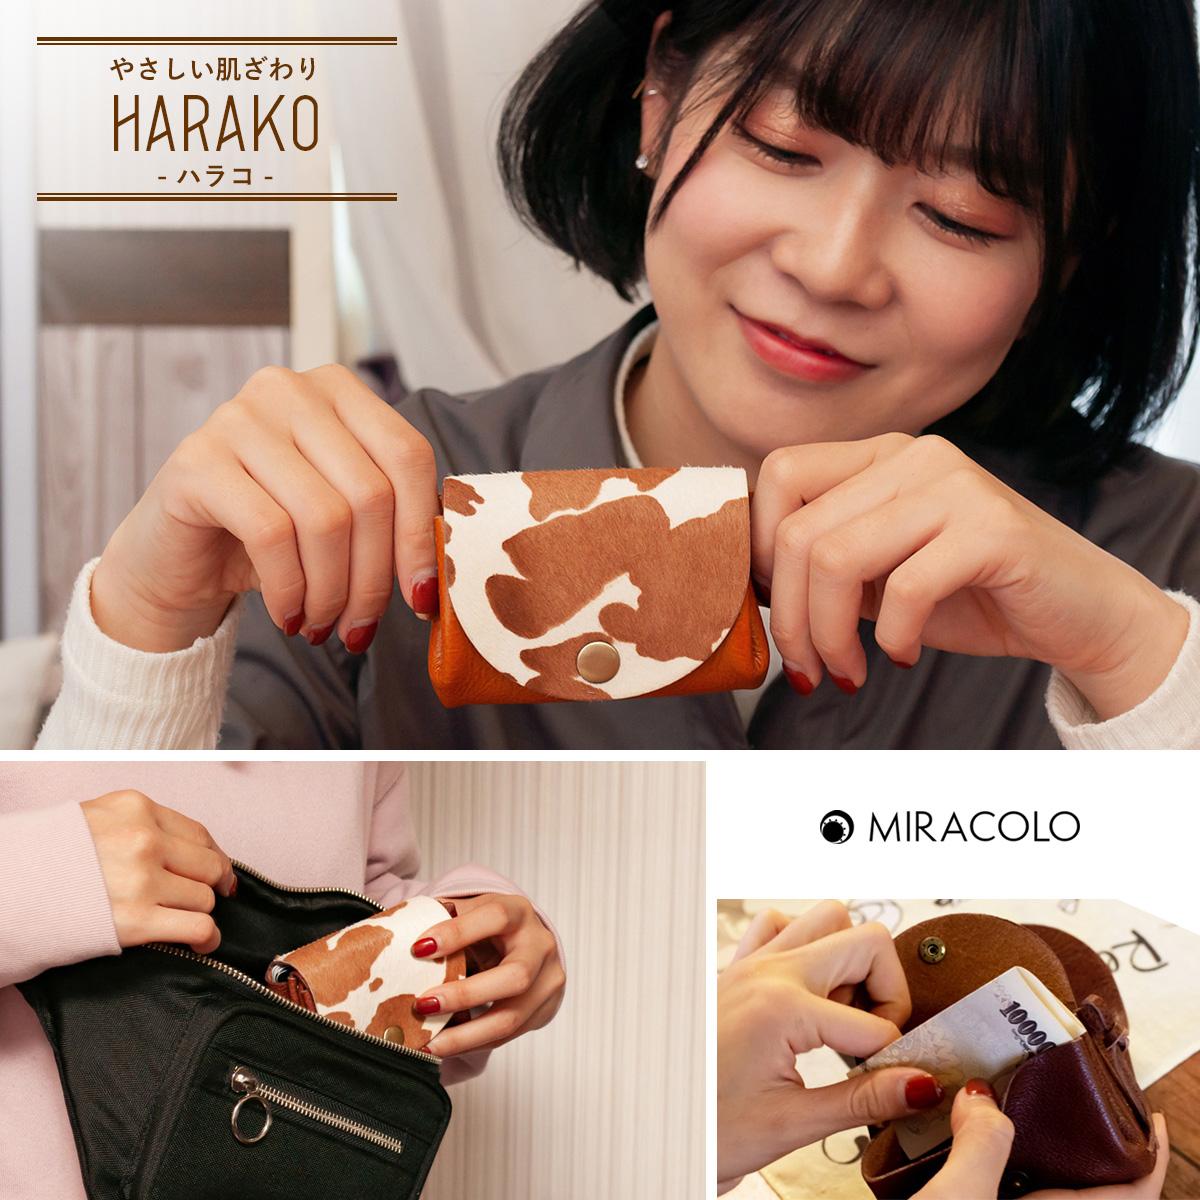 MIRACOLO ハラコ&イタリアンレザー小さい財布